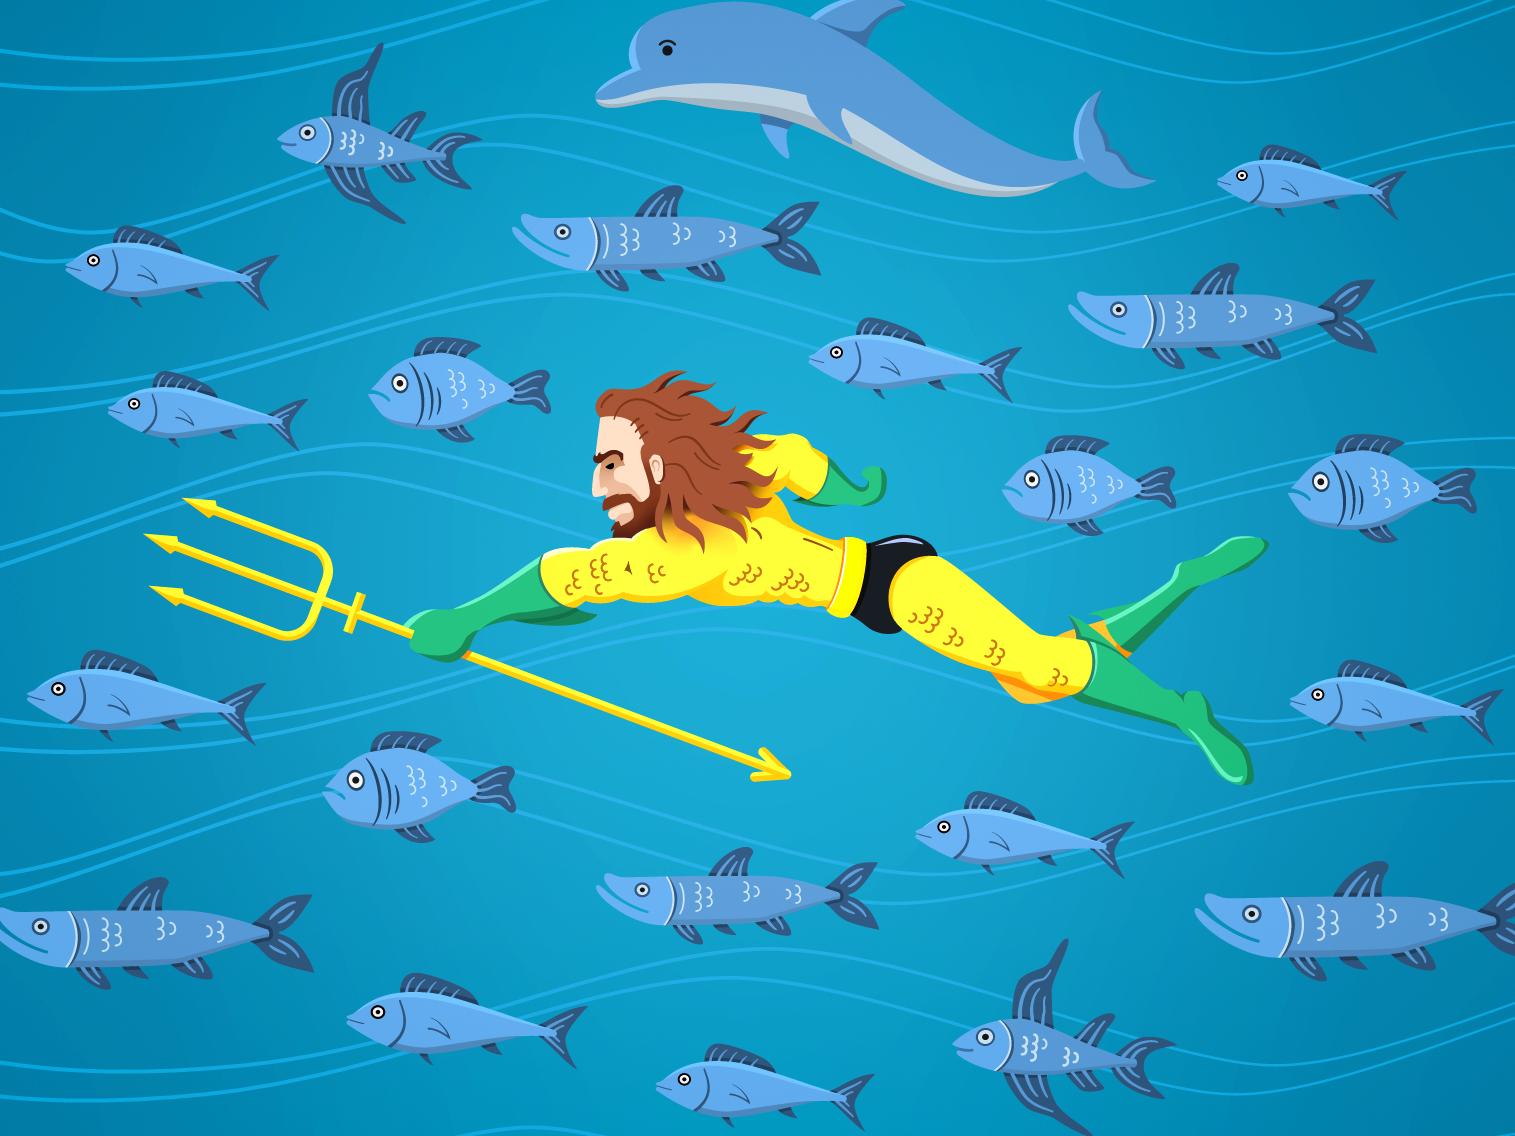 Aquaman and Friends sealife sea creature sea fish dolphin aqua man oceanic ocean super hero justice league illustration illustrated trident marine design aqua aquaman